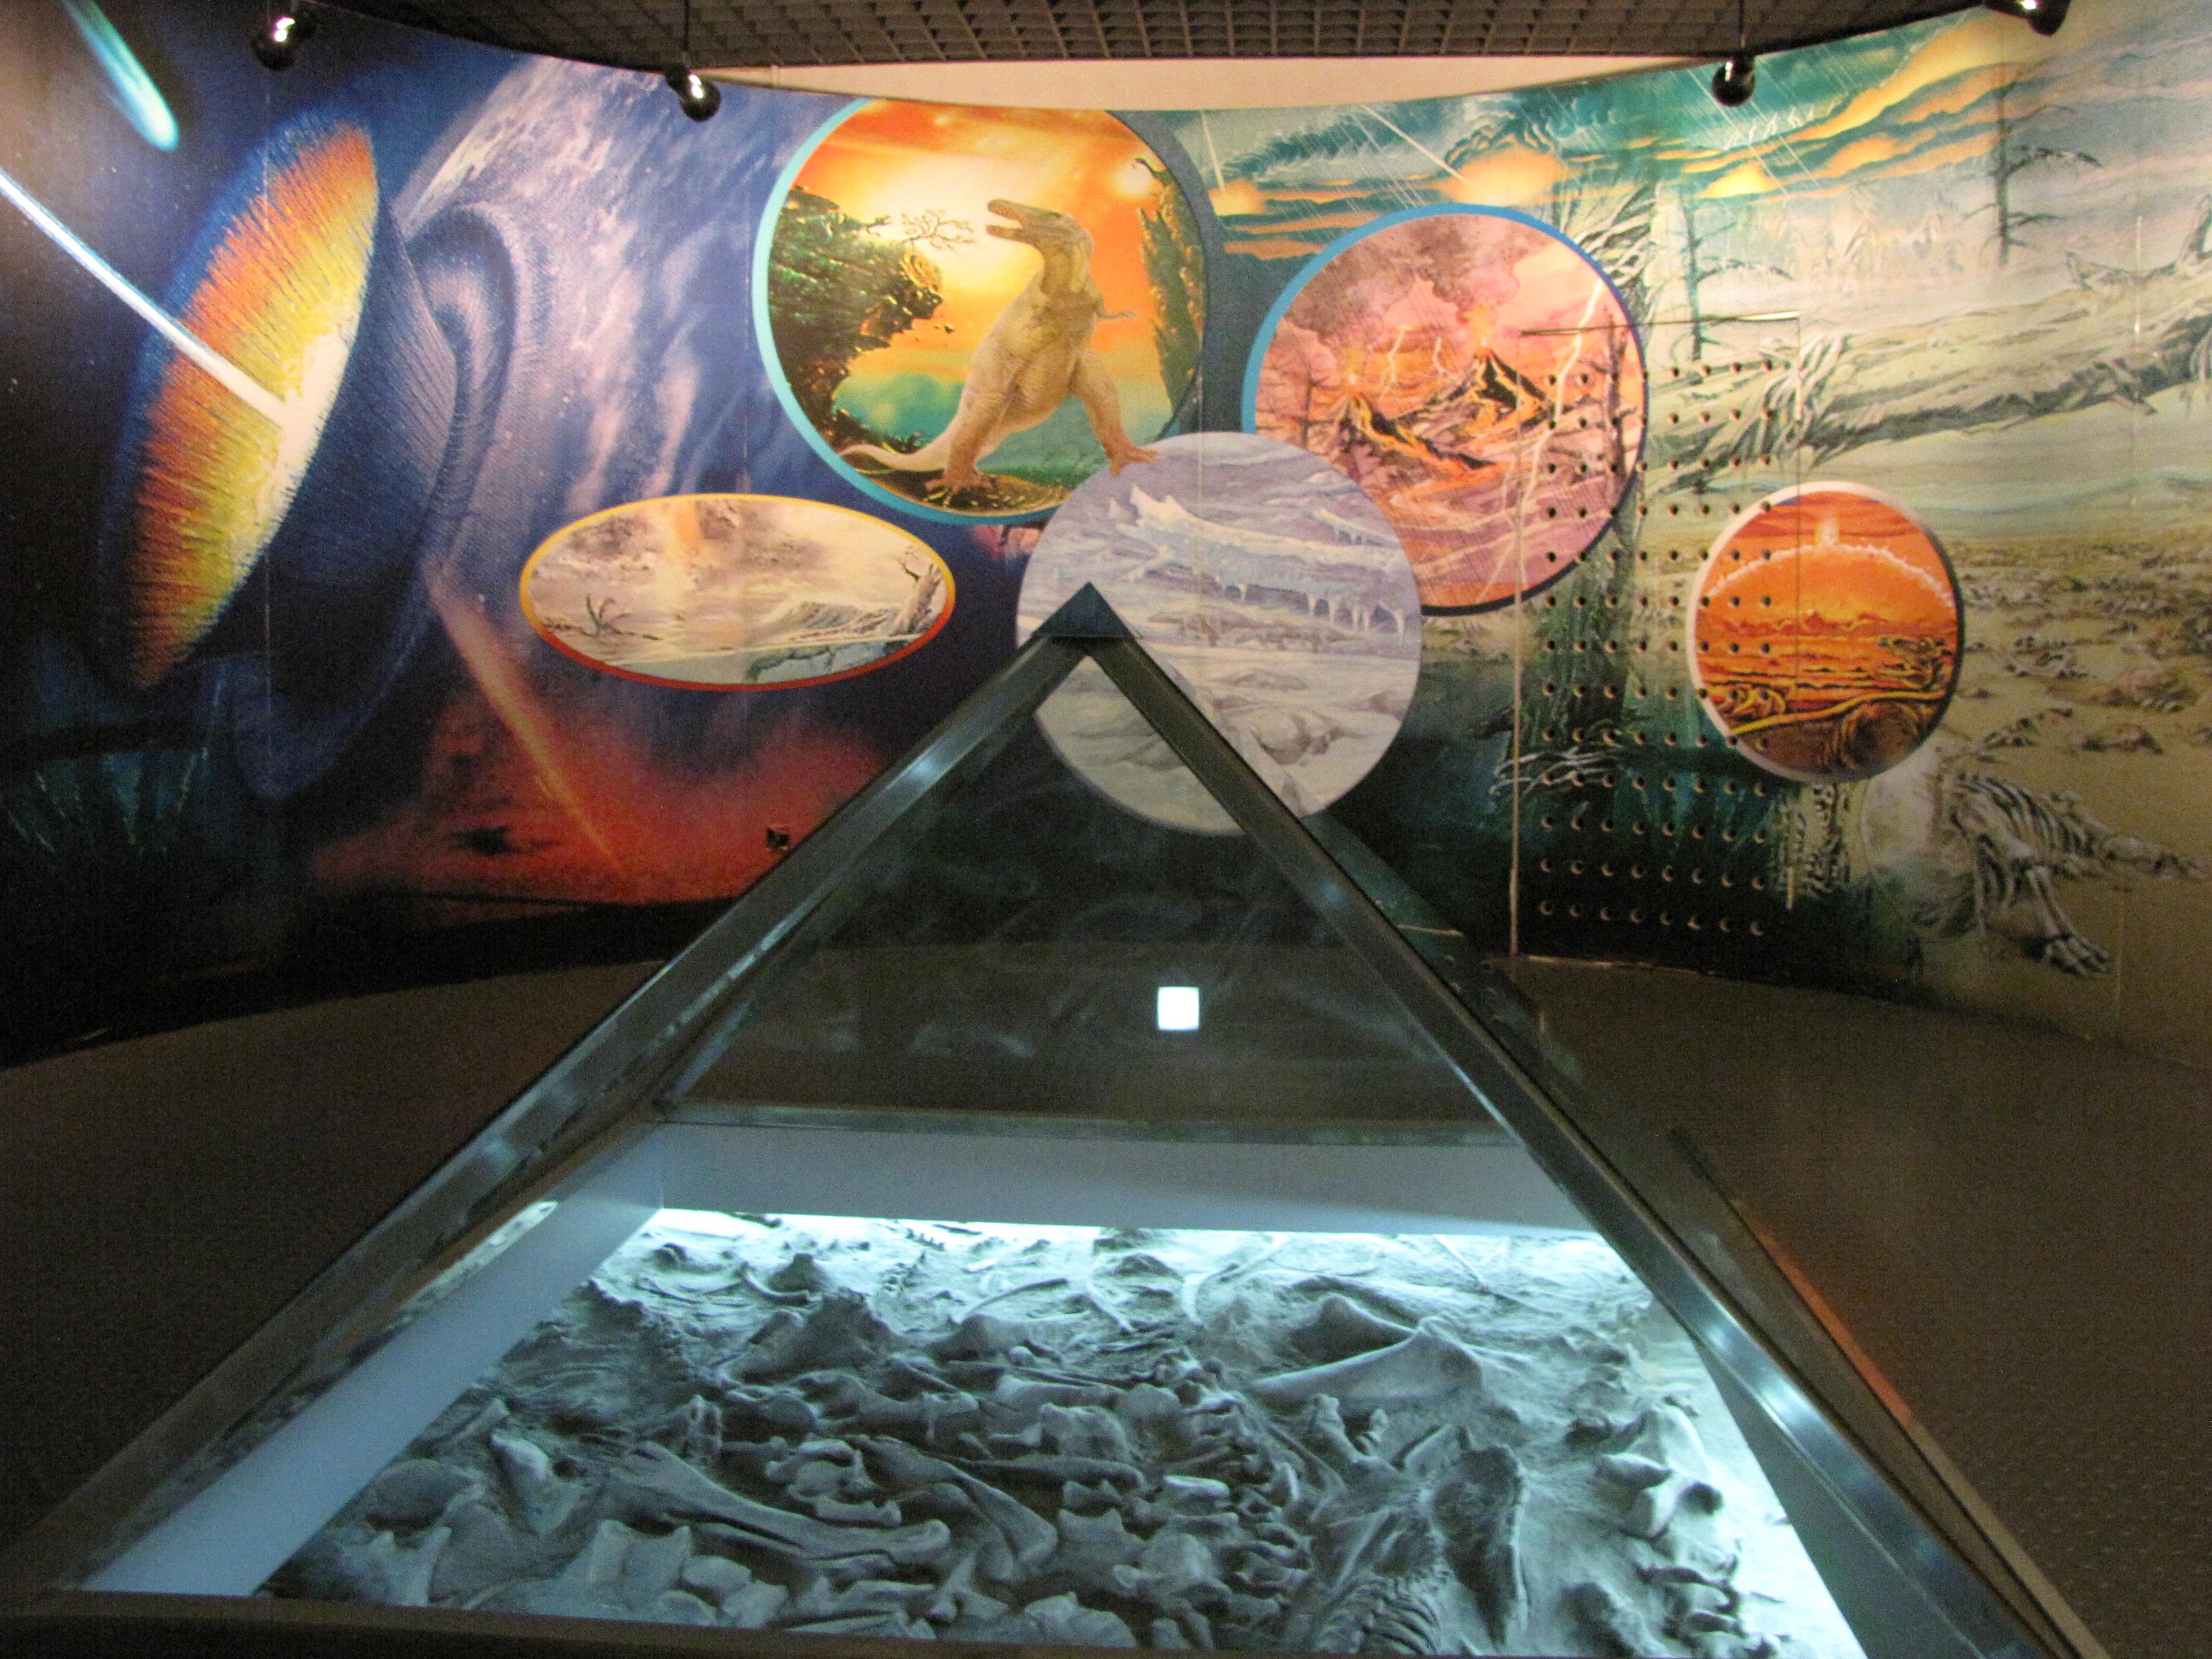 中国地质博物馆每天能吸引多少个孩子?